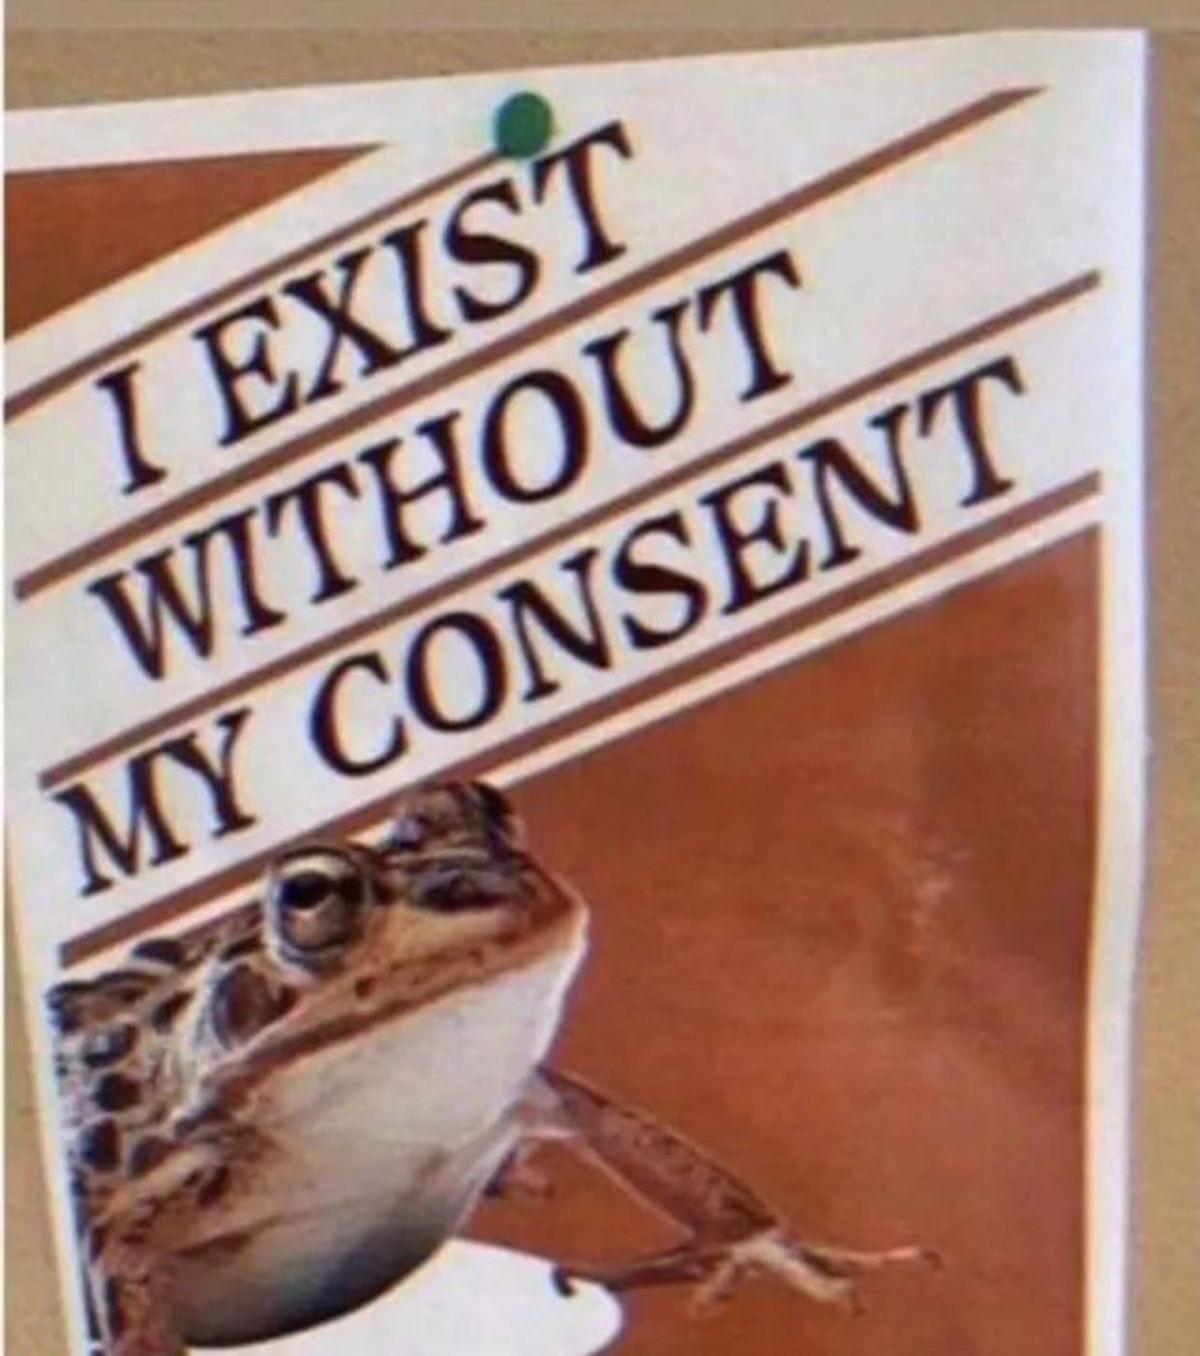 No consent. .. we all do.